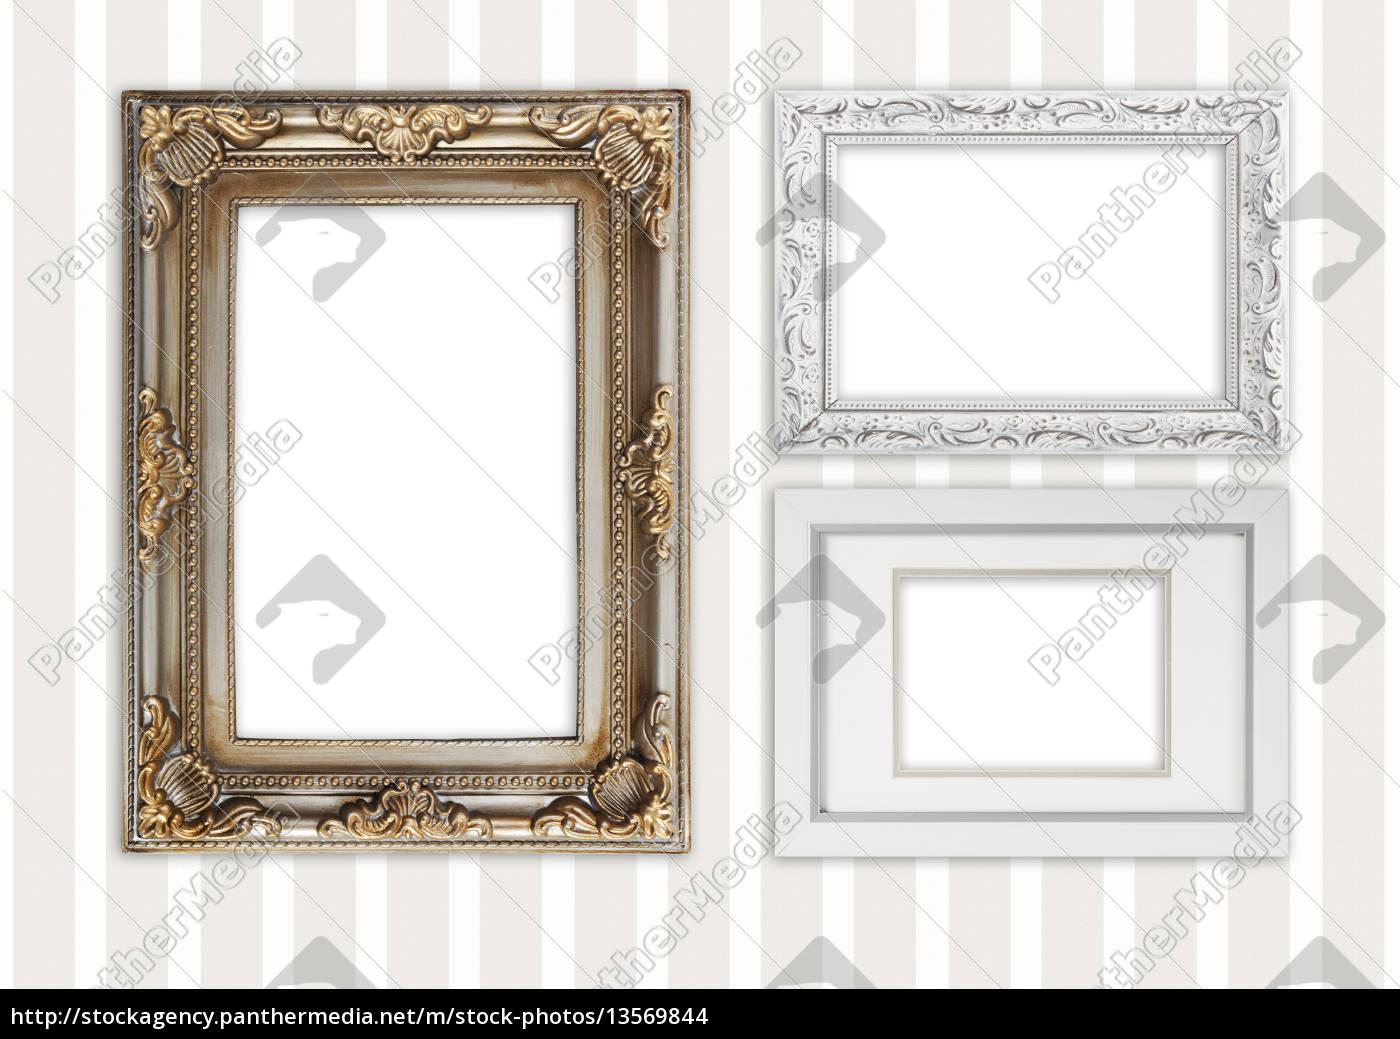 drei verschiedene Bilderrahmen - Lizenzfreies Foto - #13569844 ...